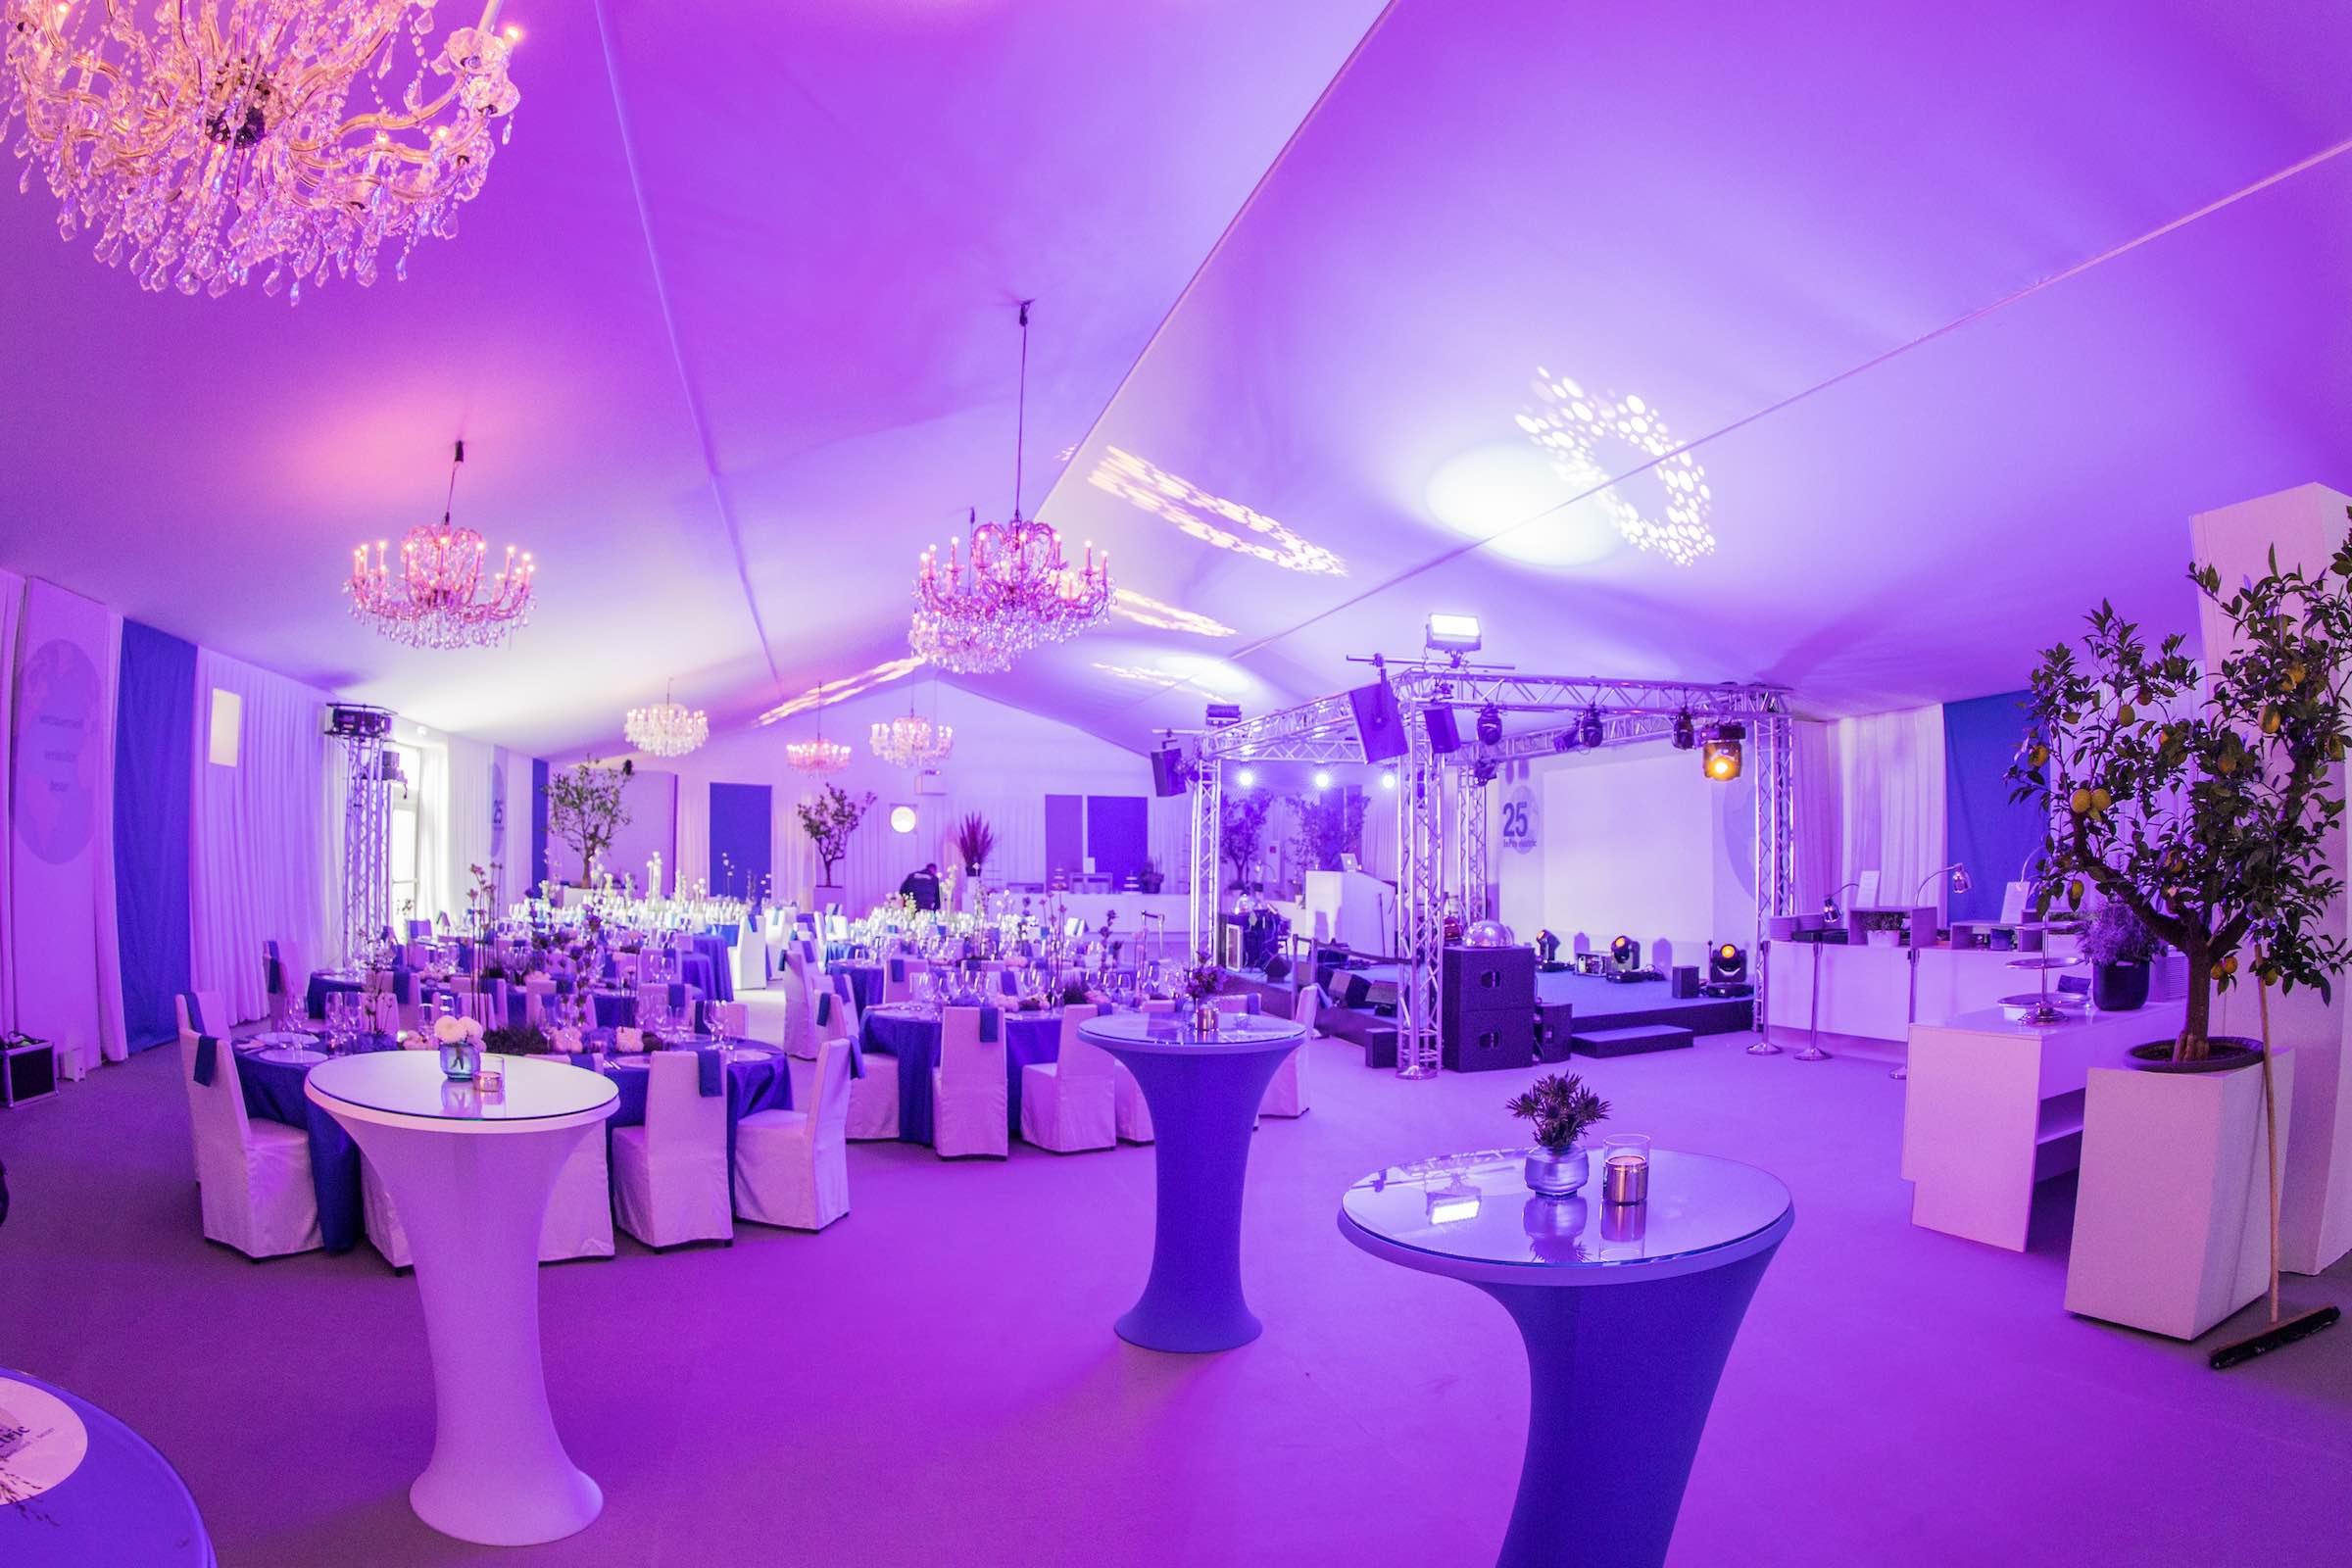 Klangfein Hannover - Bühnentechnik | Lichttechnik | Illumination | Tontechnik | Gala | Event | Leihen | Mieten